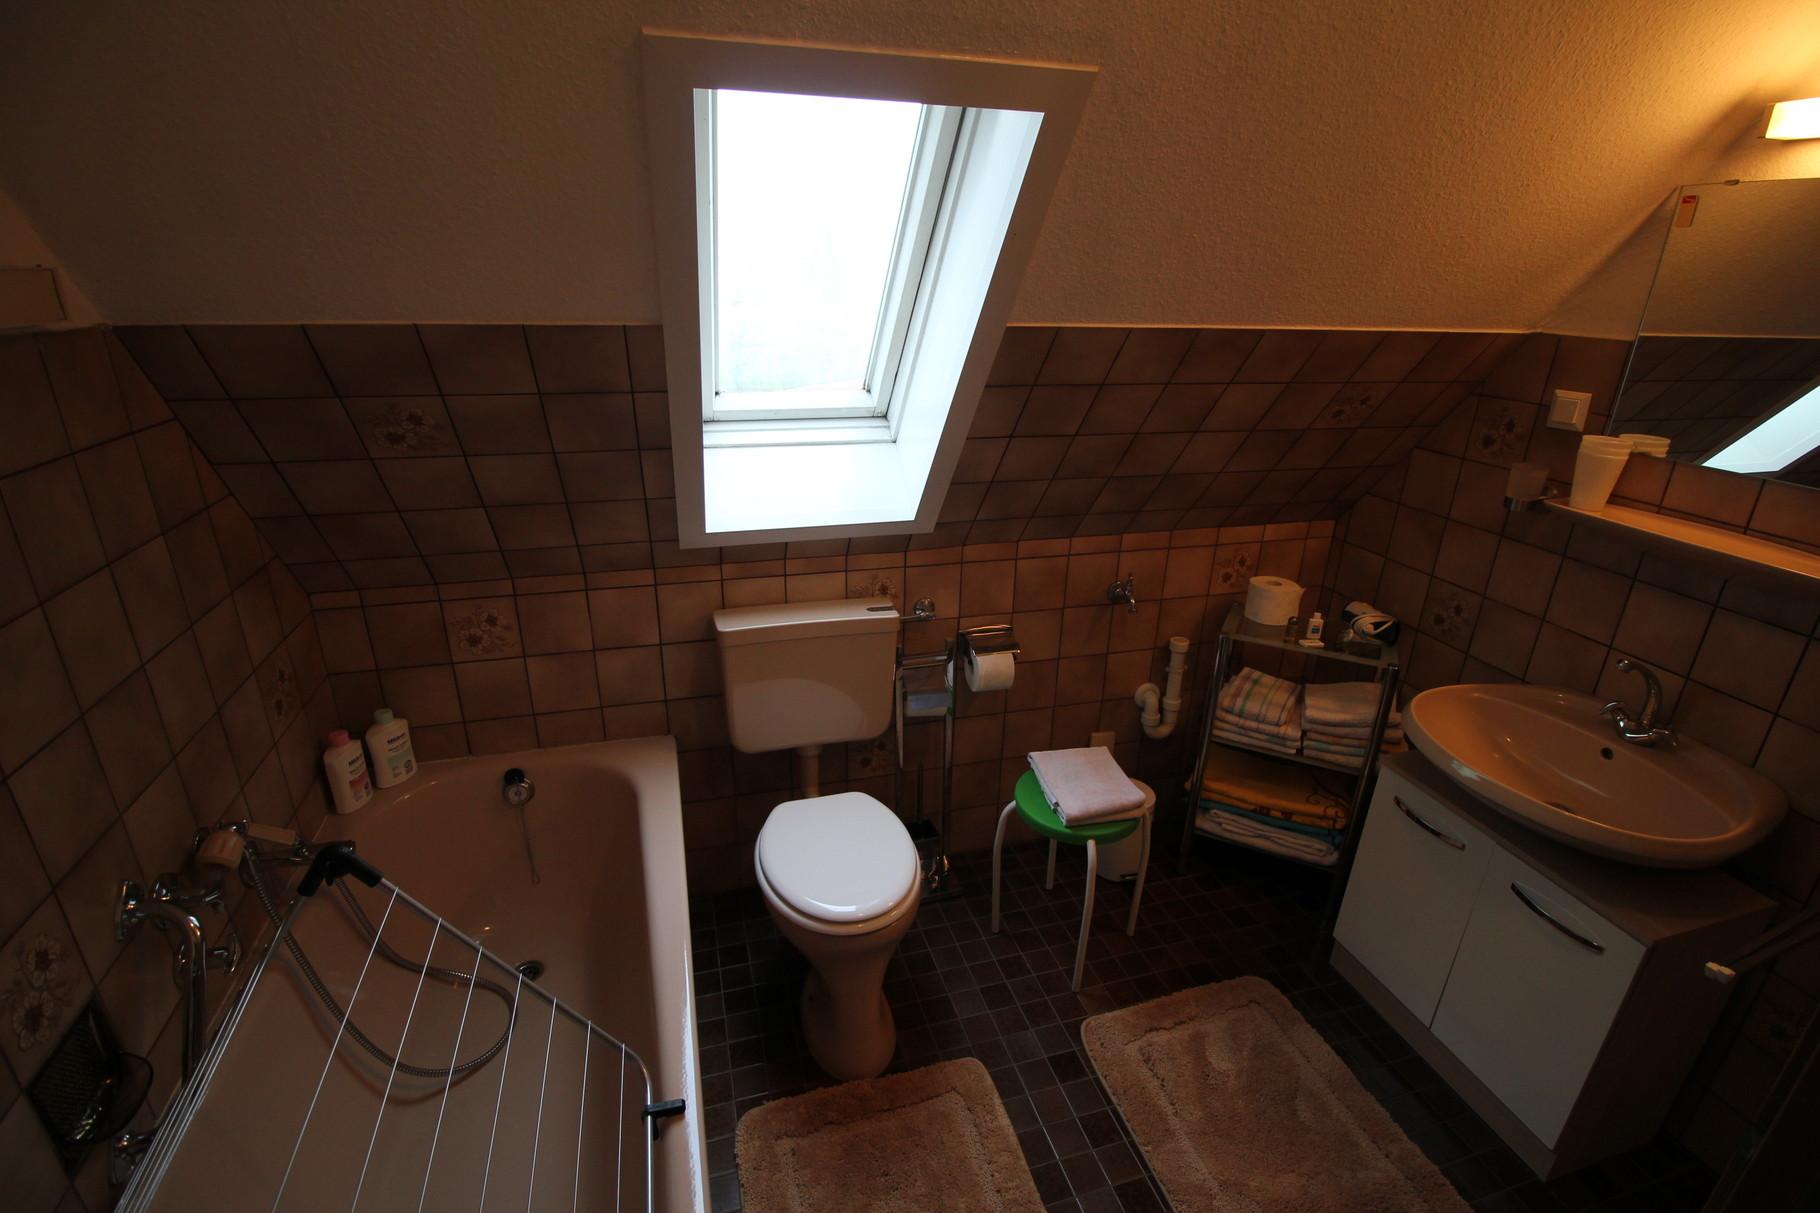 Badezimmer mit Dusche, Badewanne, WC, Waschbecken